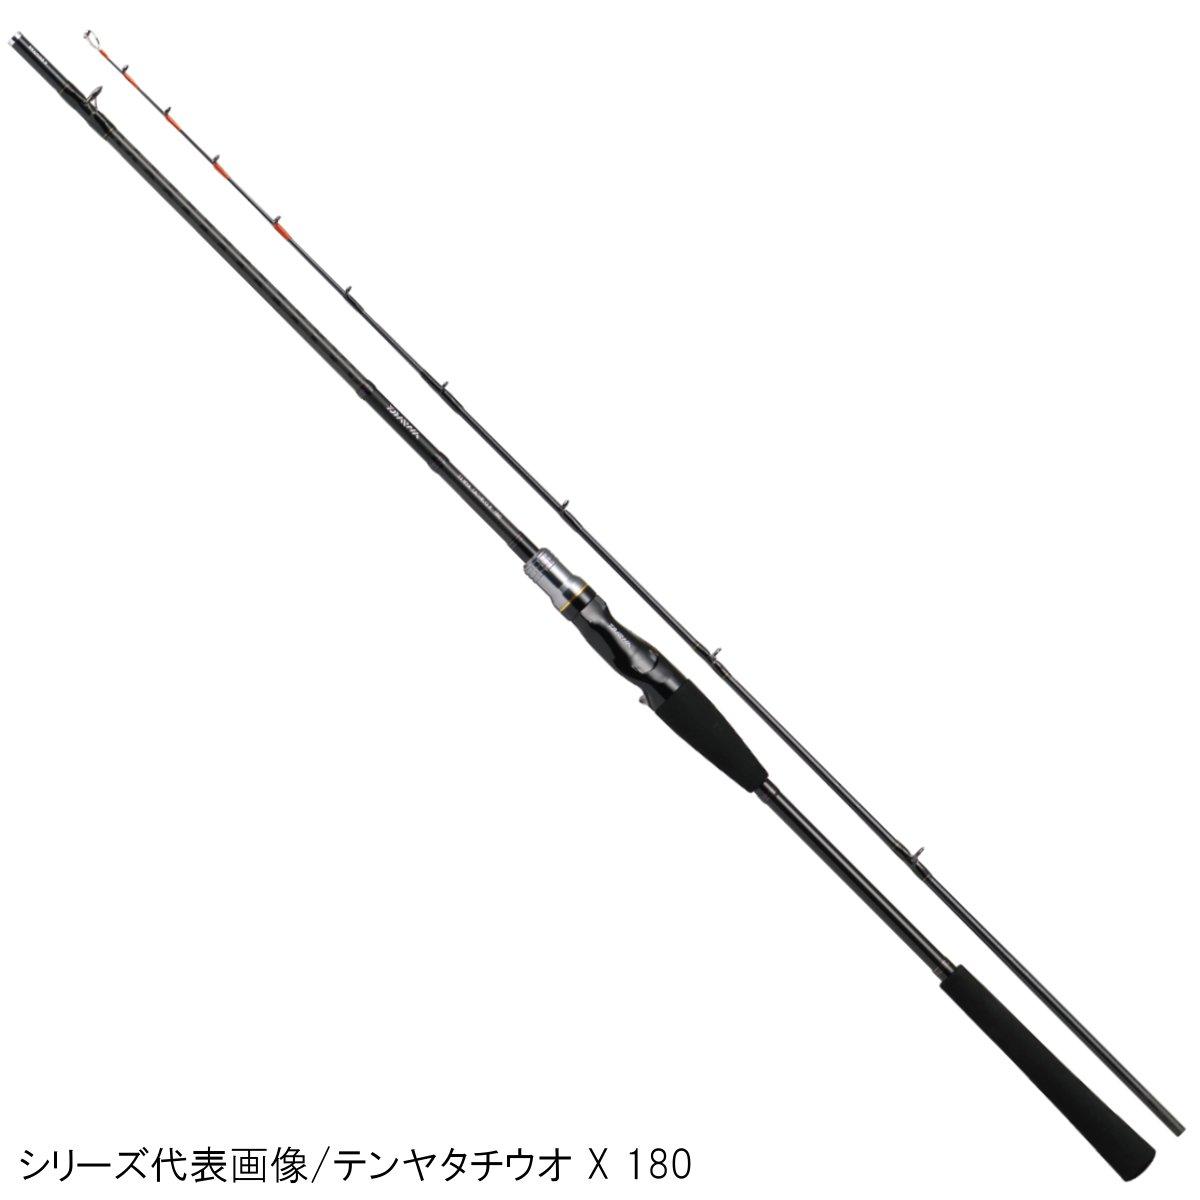 ダイワ テンヤタチウオ X 200